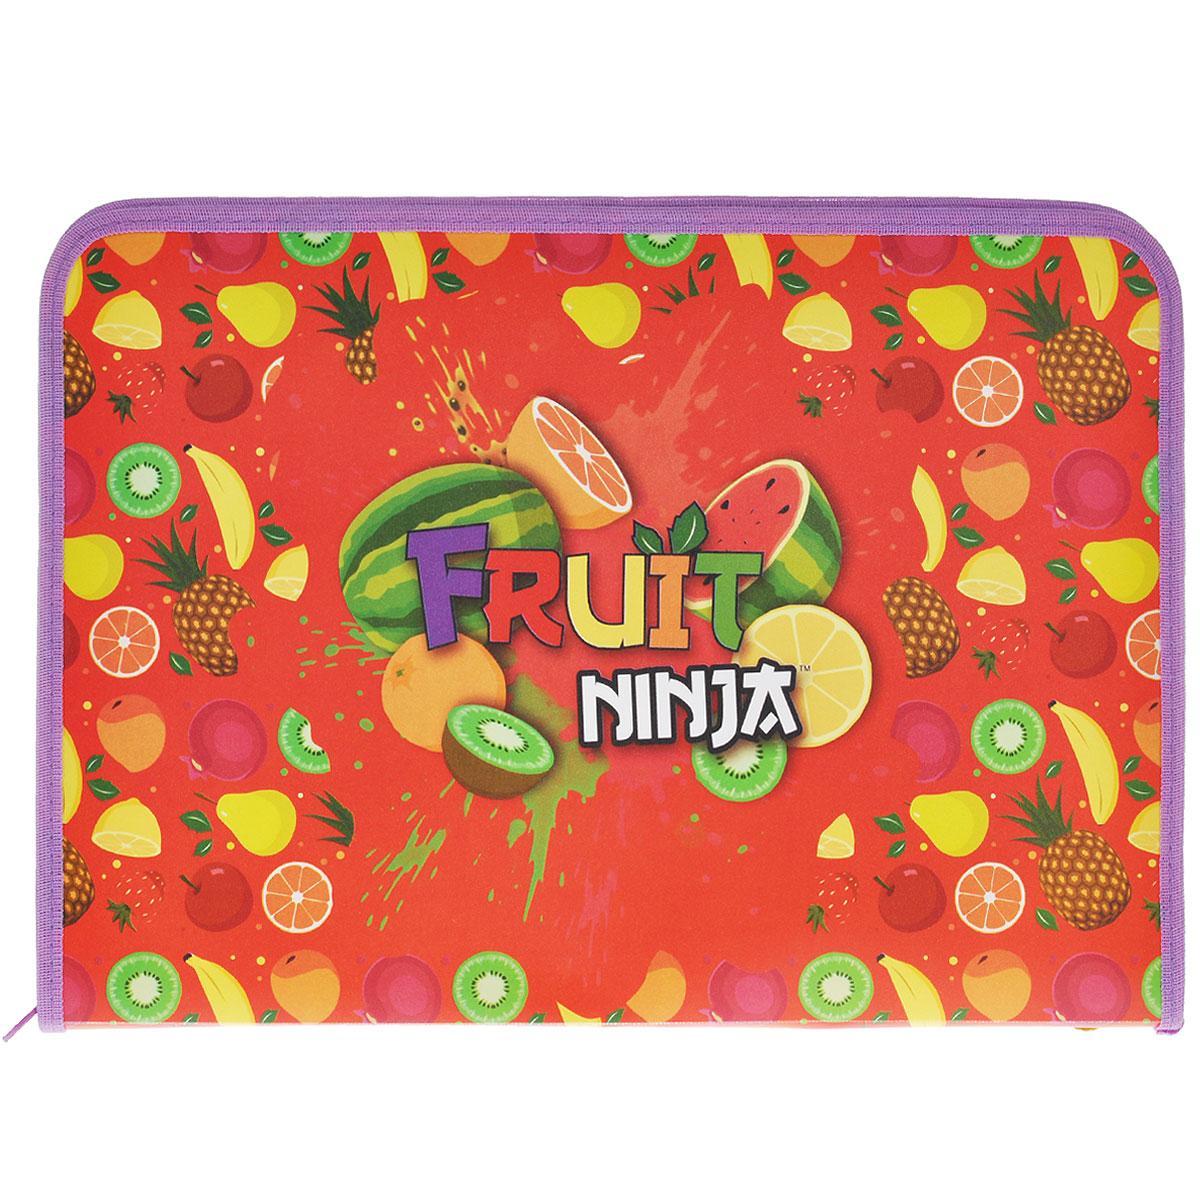 Папка для труда Action! Fruit Ninja, цвет: красный, сиреневыйFN-FZA4-LПапка для труда Action! Fruit Ninja предназначена для хранения тетрадей, рисунков и прочих бумаг, а также ручек, карандашей, ластиков и точилок. Папка оформлена изображениями фруктов и надписью Fruit Ninja. Внутри находится одно большое отделение с вкладышем, содержащим 11 фиксаторов для школьных принадлежностей. Закрывается папка на застежку-молнию. Яркая и удобная, такая папка непременно понравится вашему ребенку.